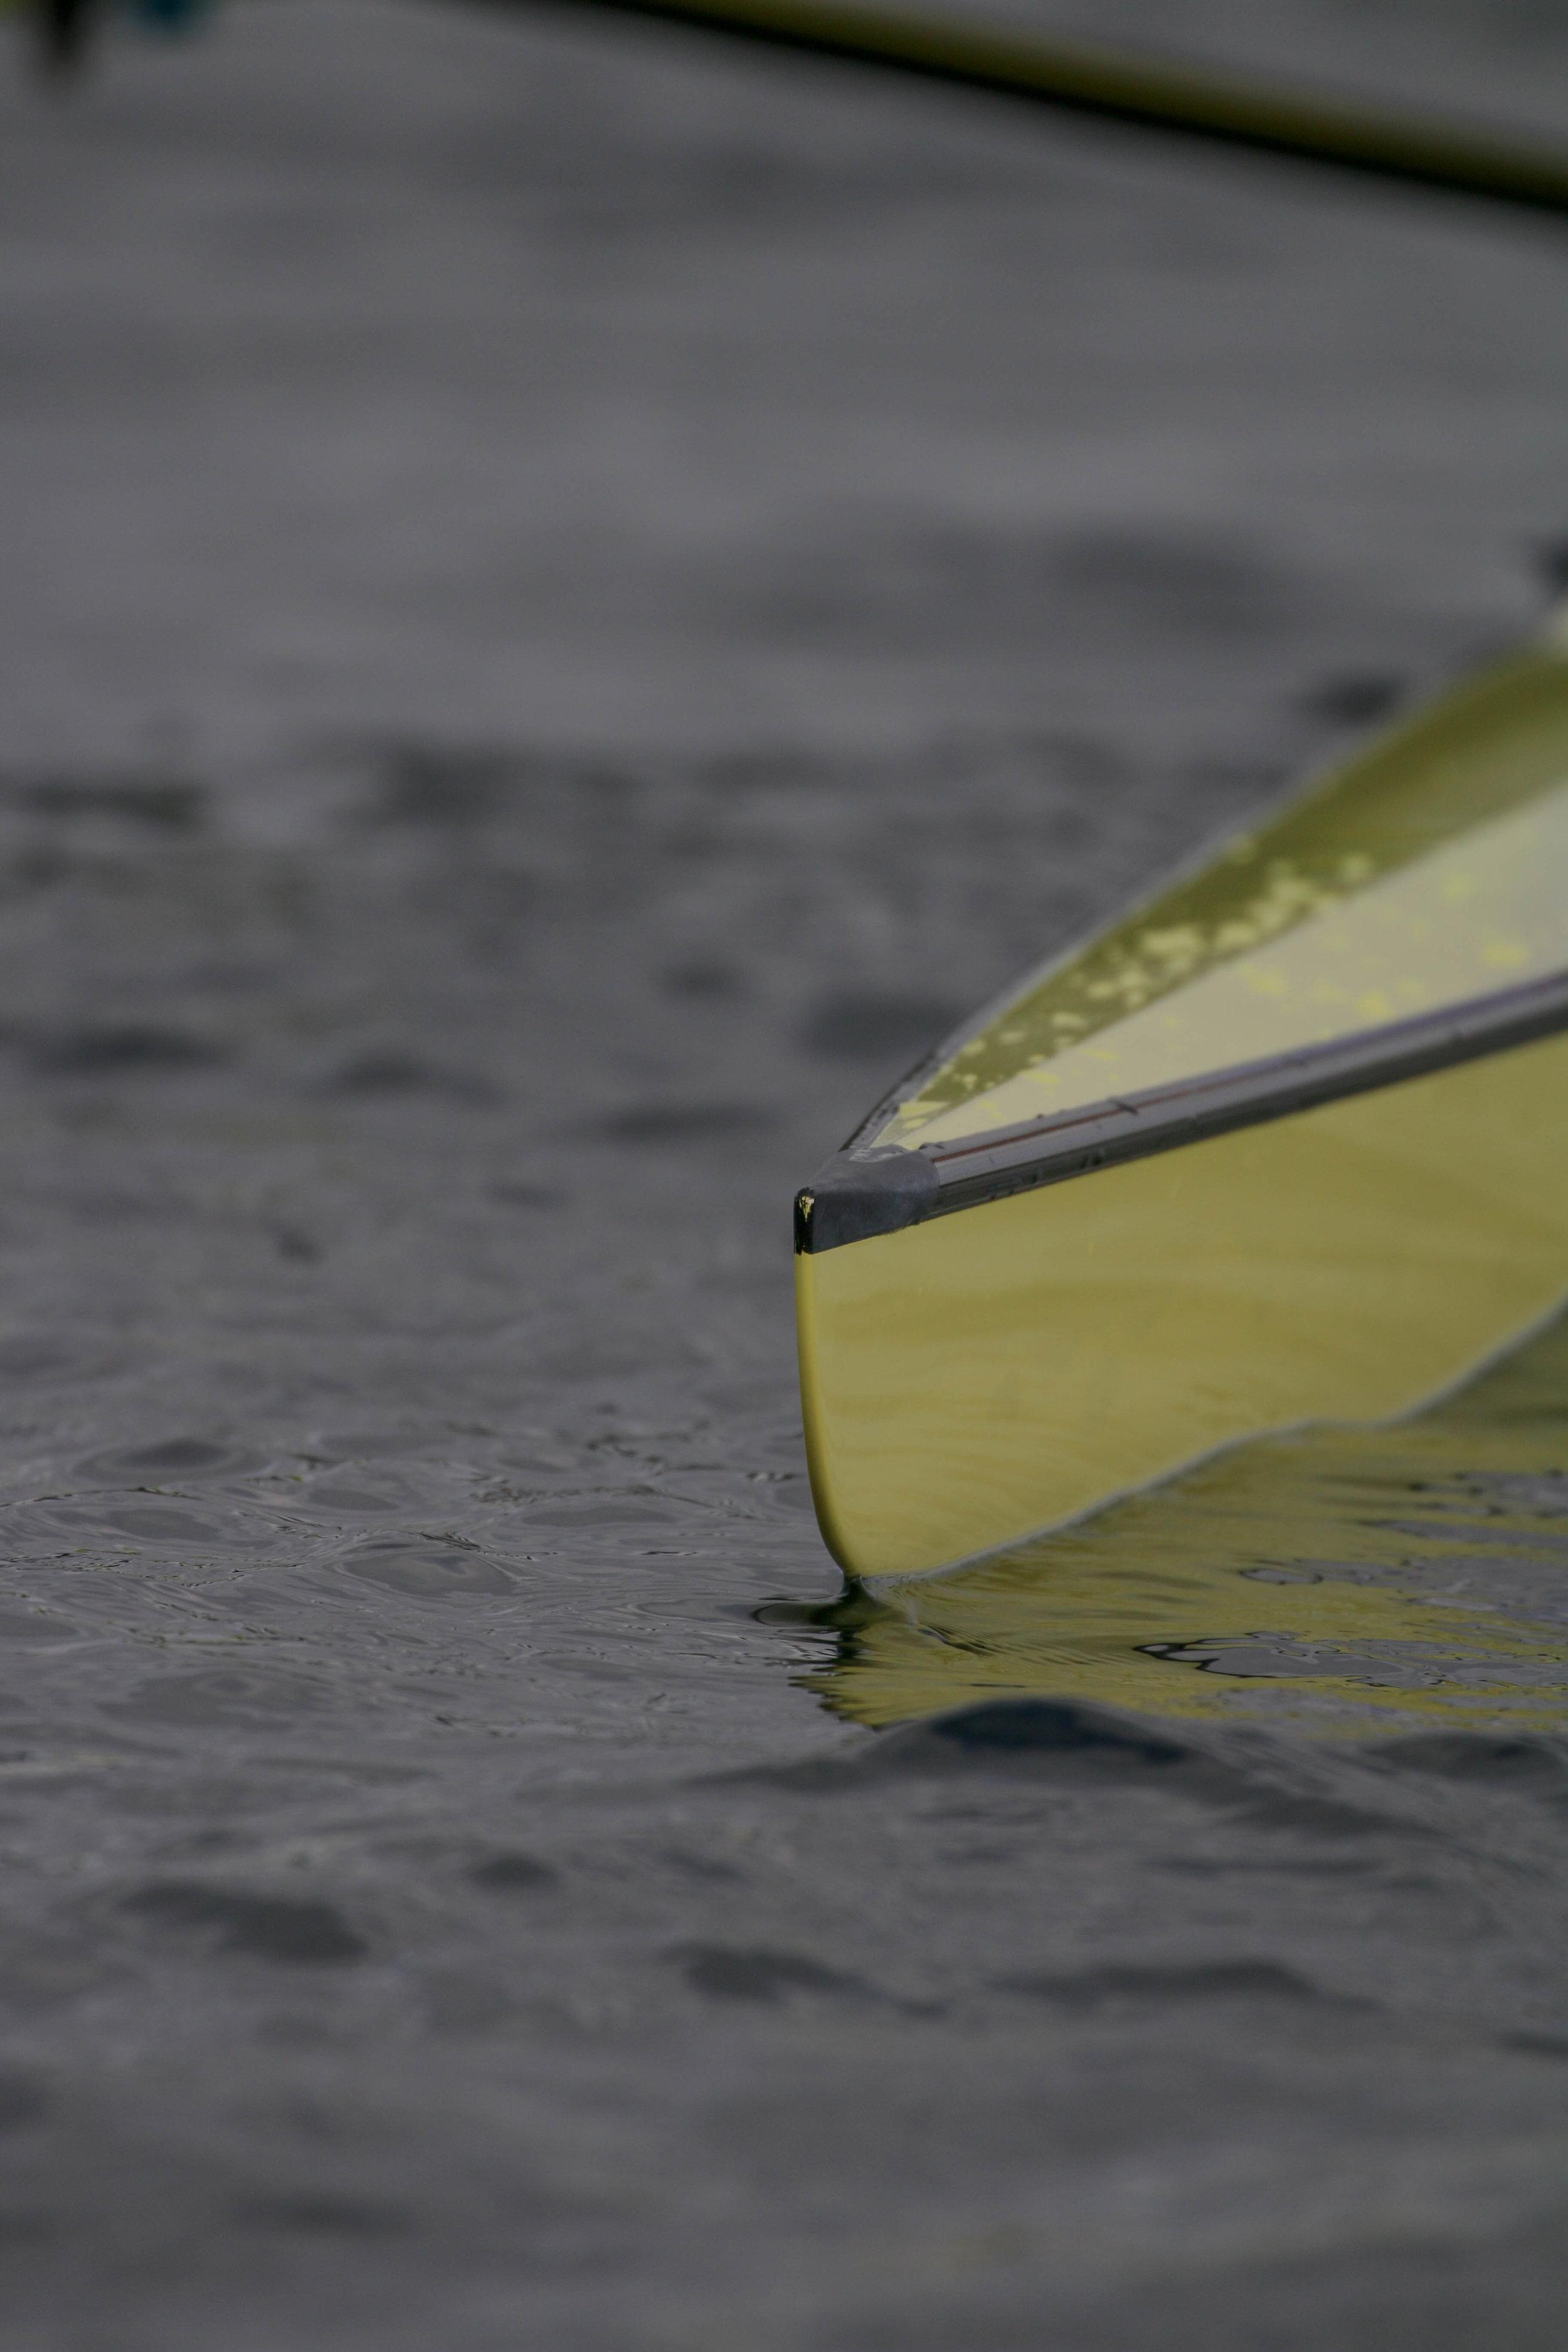 womens-sport-karen-bennett-rowing-athlete40.jpg